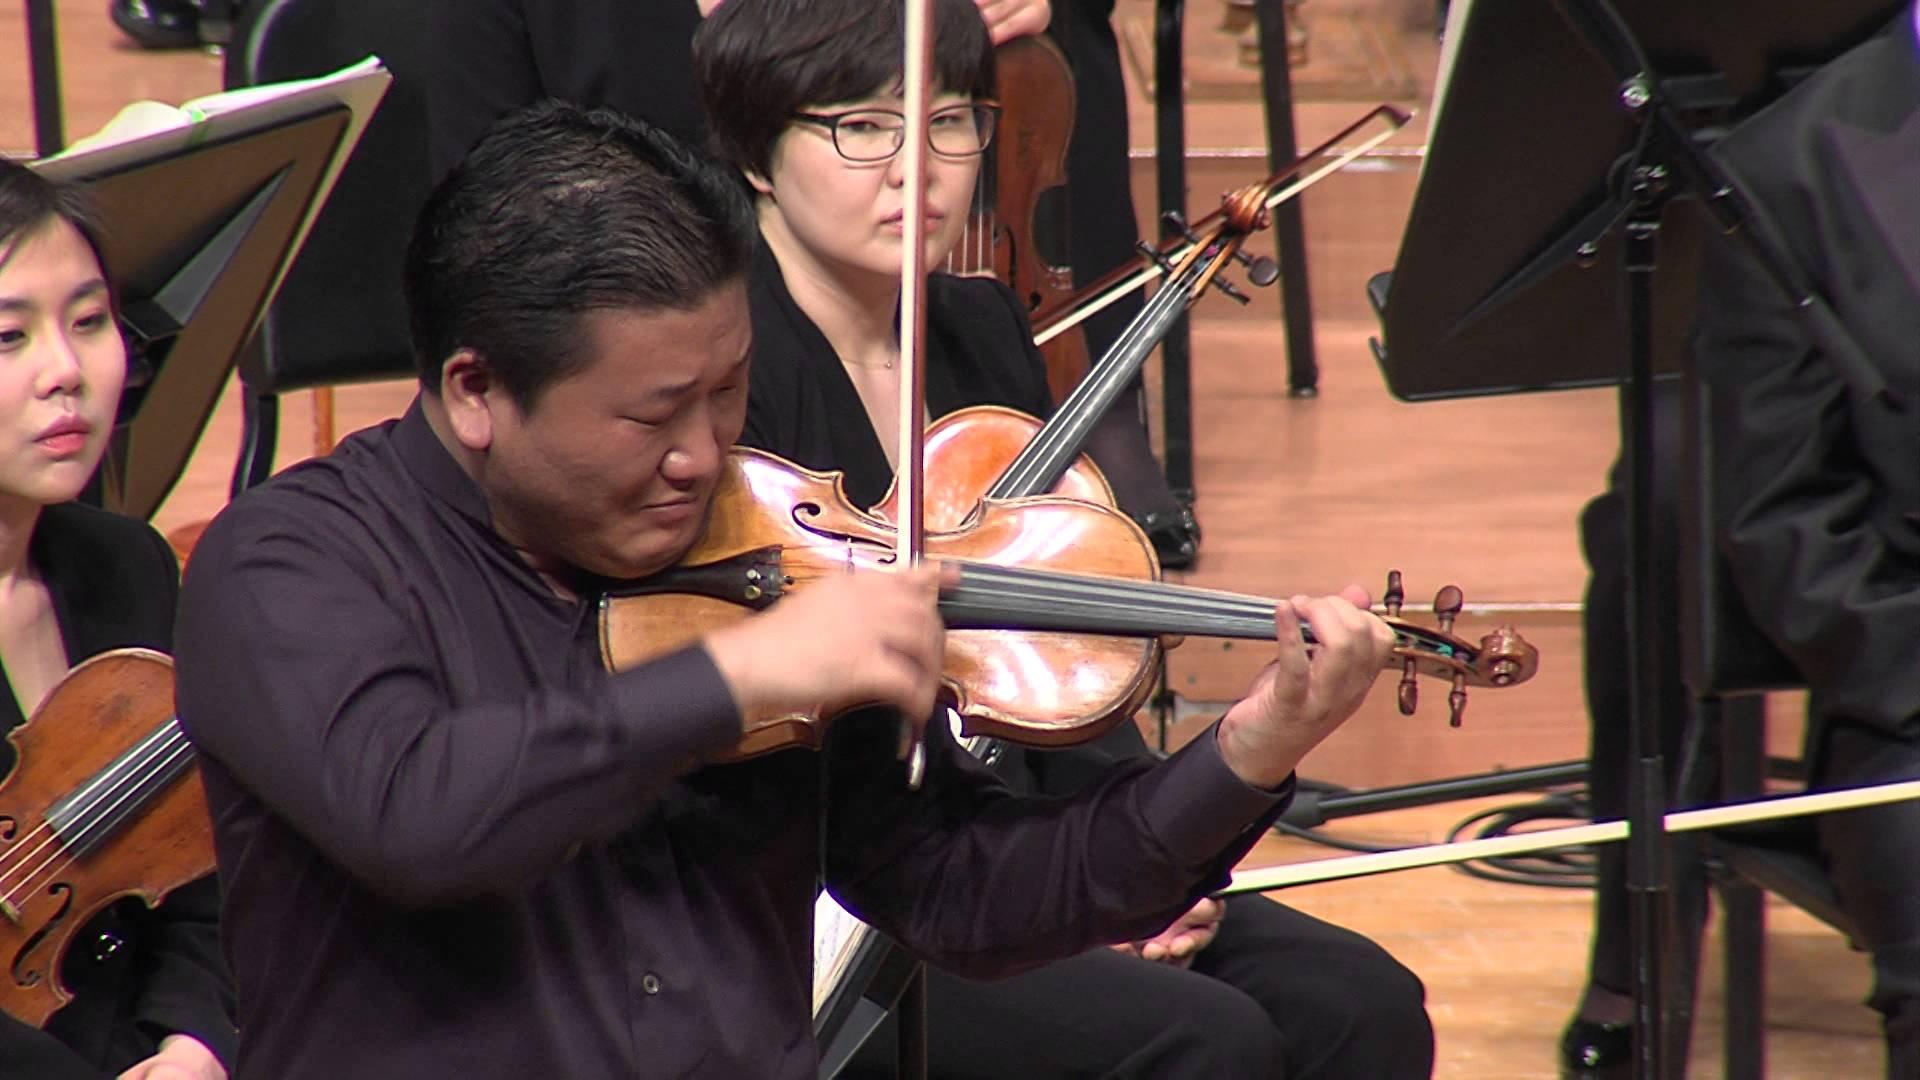 Violinista coreano se apresenta com Orquestra Sinfônica nesta quarta